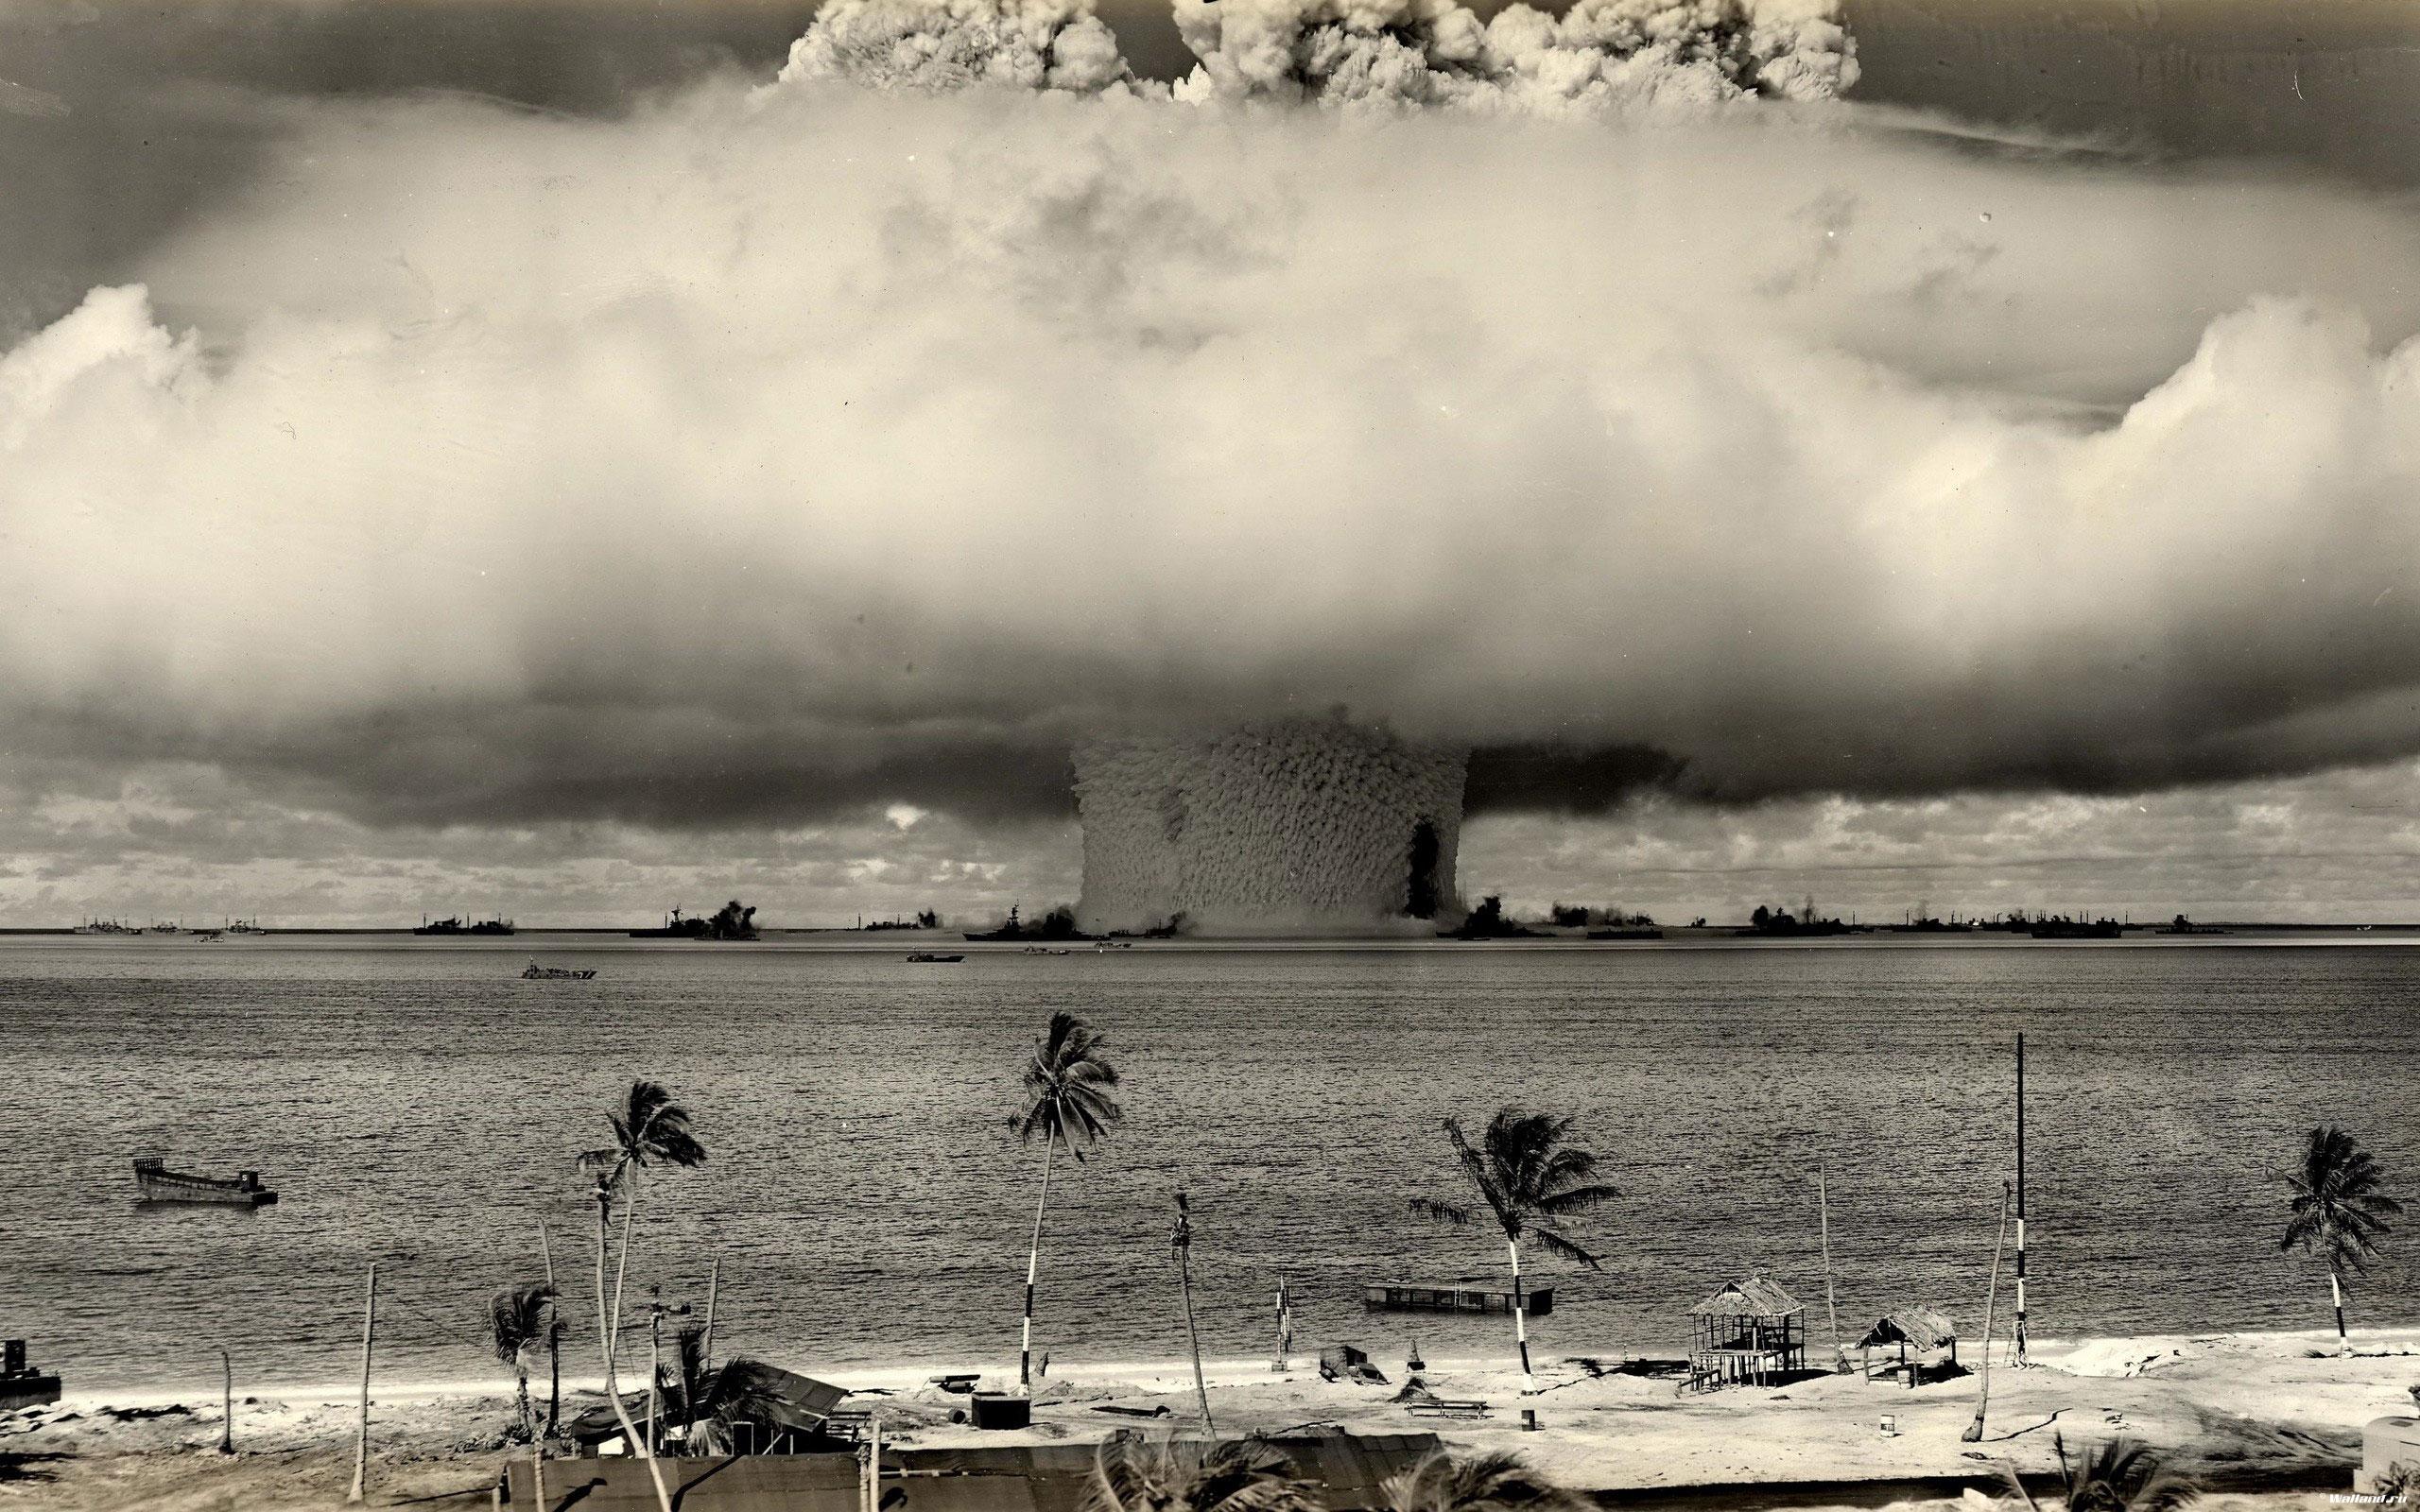 ядерный взрыв, взрывная волна, скачать фото, обои для рабочего стола